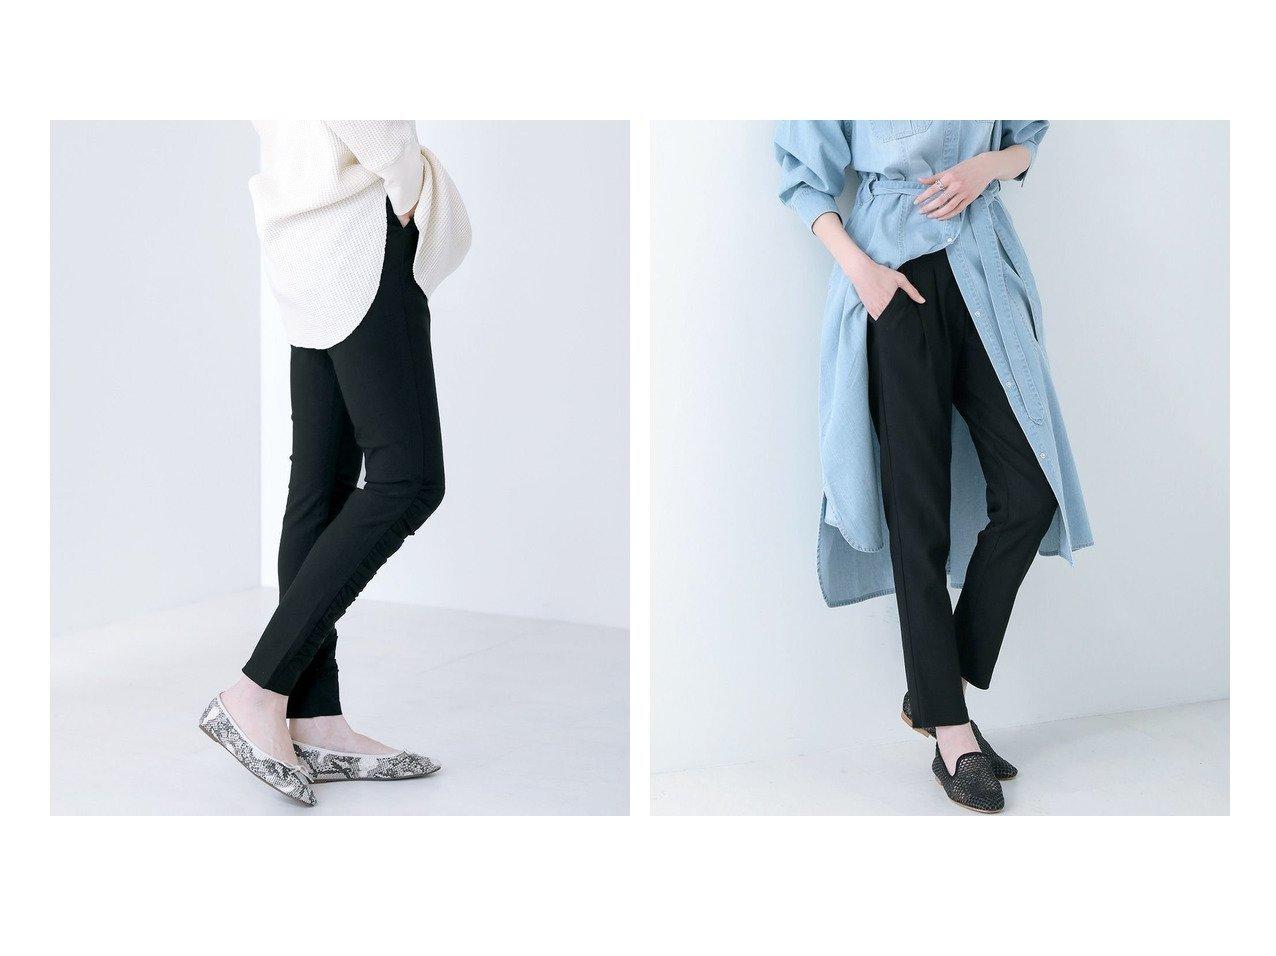 【Bou Jeloud/ブージュルード】のHAKIYASEギャザーパンツ&花粉ガード×撥水 HAKIYASE ストレッチパンツ おすすめ!人気!プチプライスで上品なファッションアイテムの通販  おすすめで人気の流行・トレンド、ファッションの通販商品 メンズファッション・キッズファッション・インテリア・家具・レディースファッション・服の通販 founy(ファニー) https://founy.com/ ファッション Fashion レディースファッション WOMEN パンツ Pants ギャザー ストレッチ タイツ 人気 ポケット レギンス プチプライス・低価格 Affordable |ID:crp329100000021365